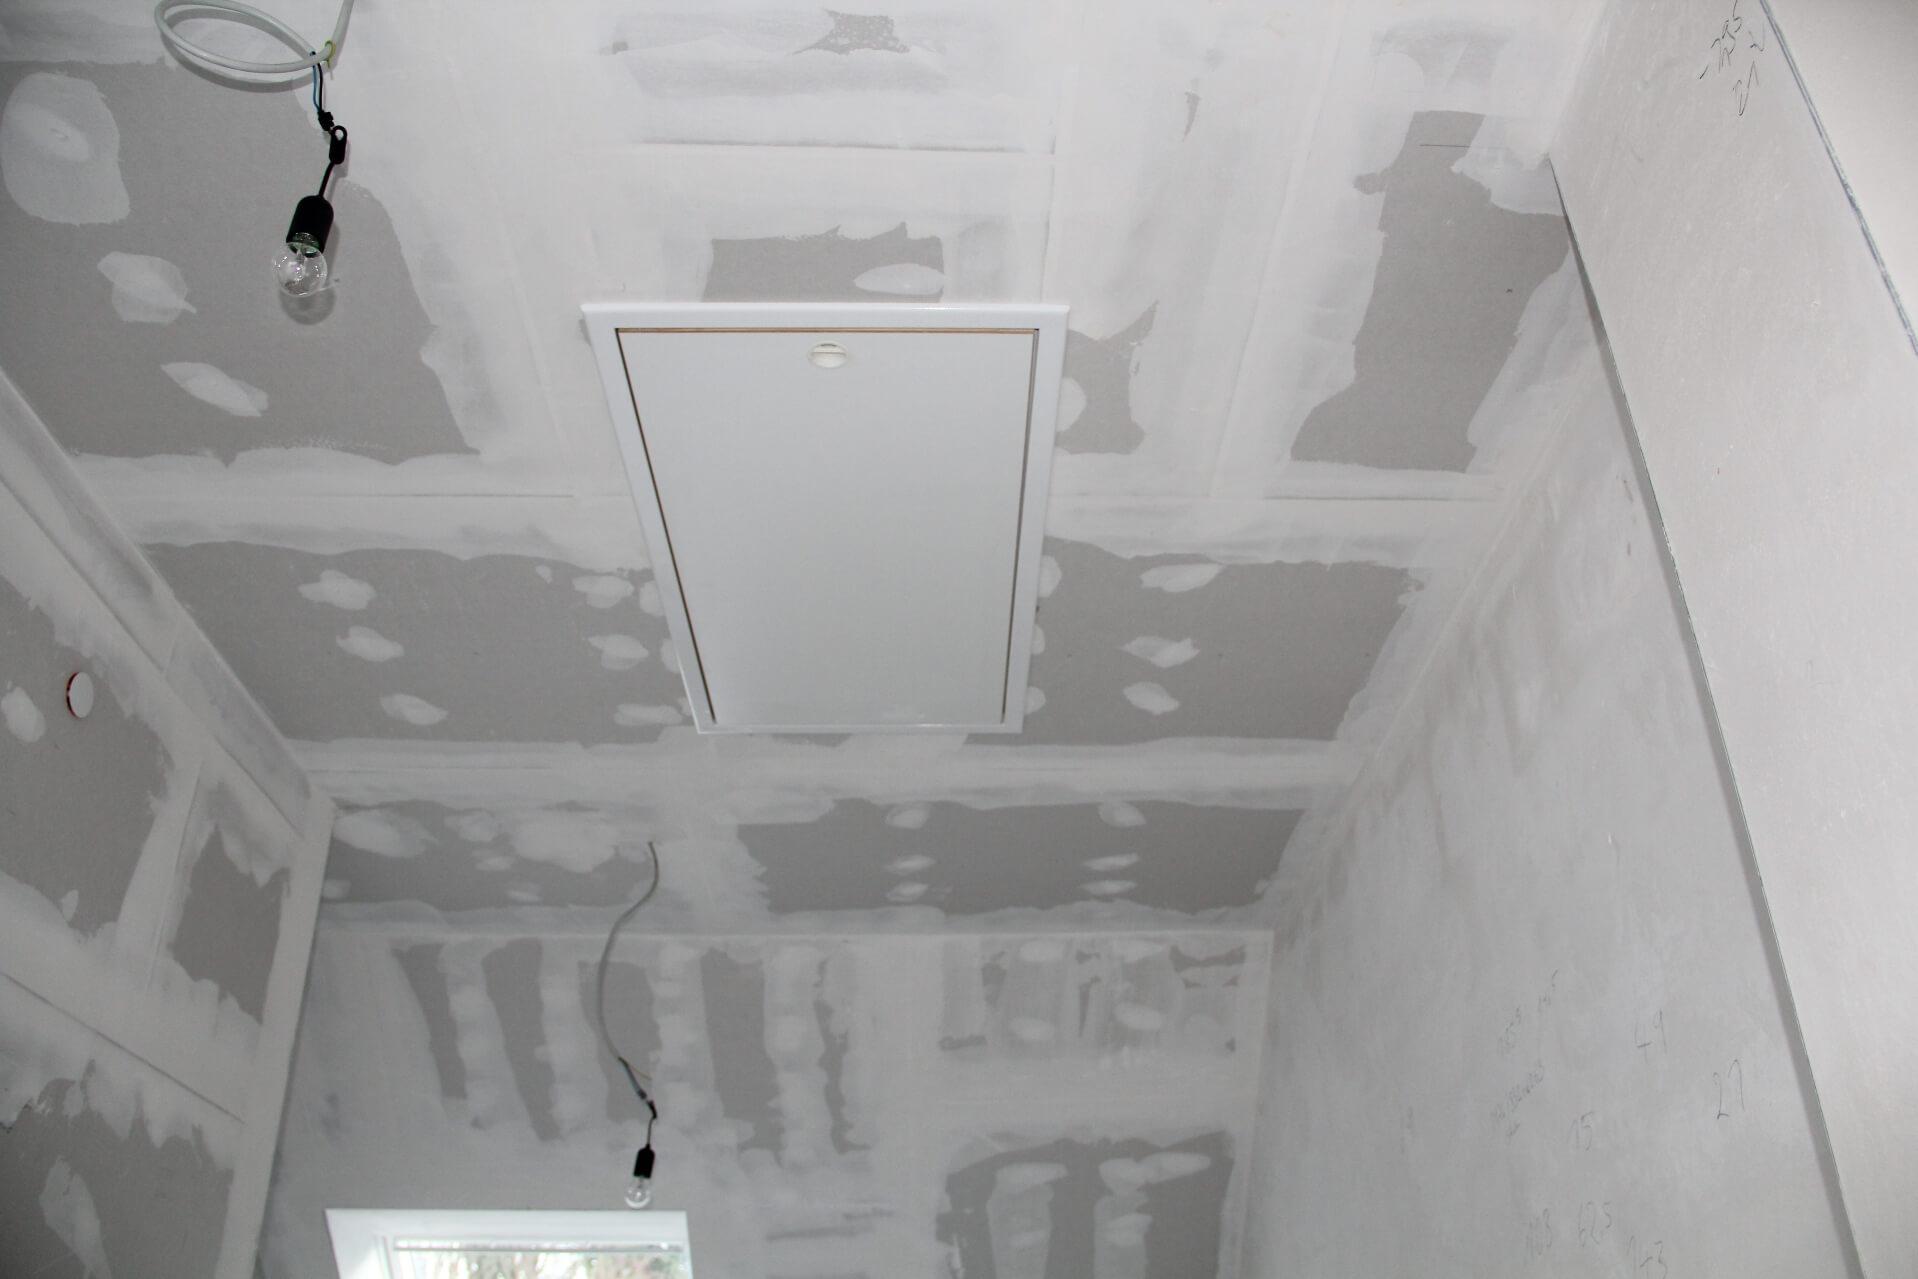 Dachbodenausbau mit Luke NRW